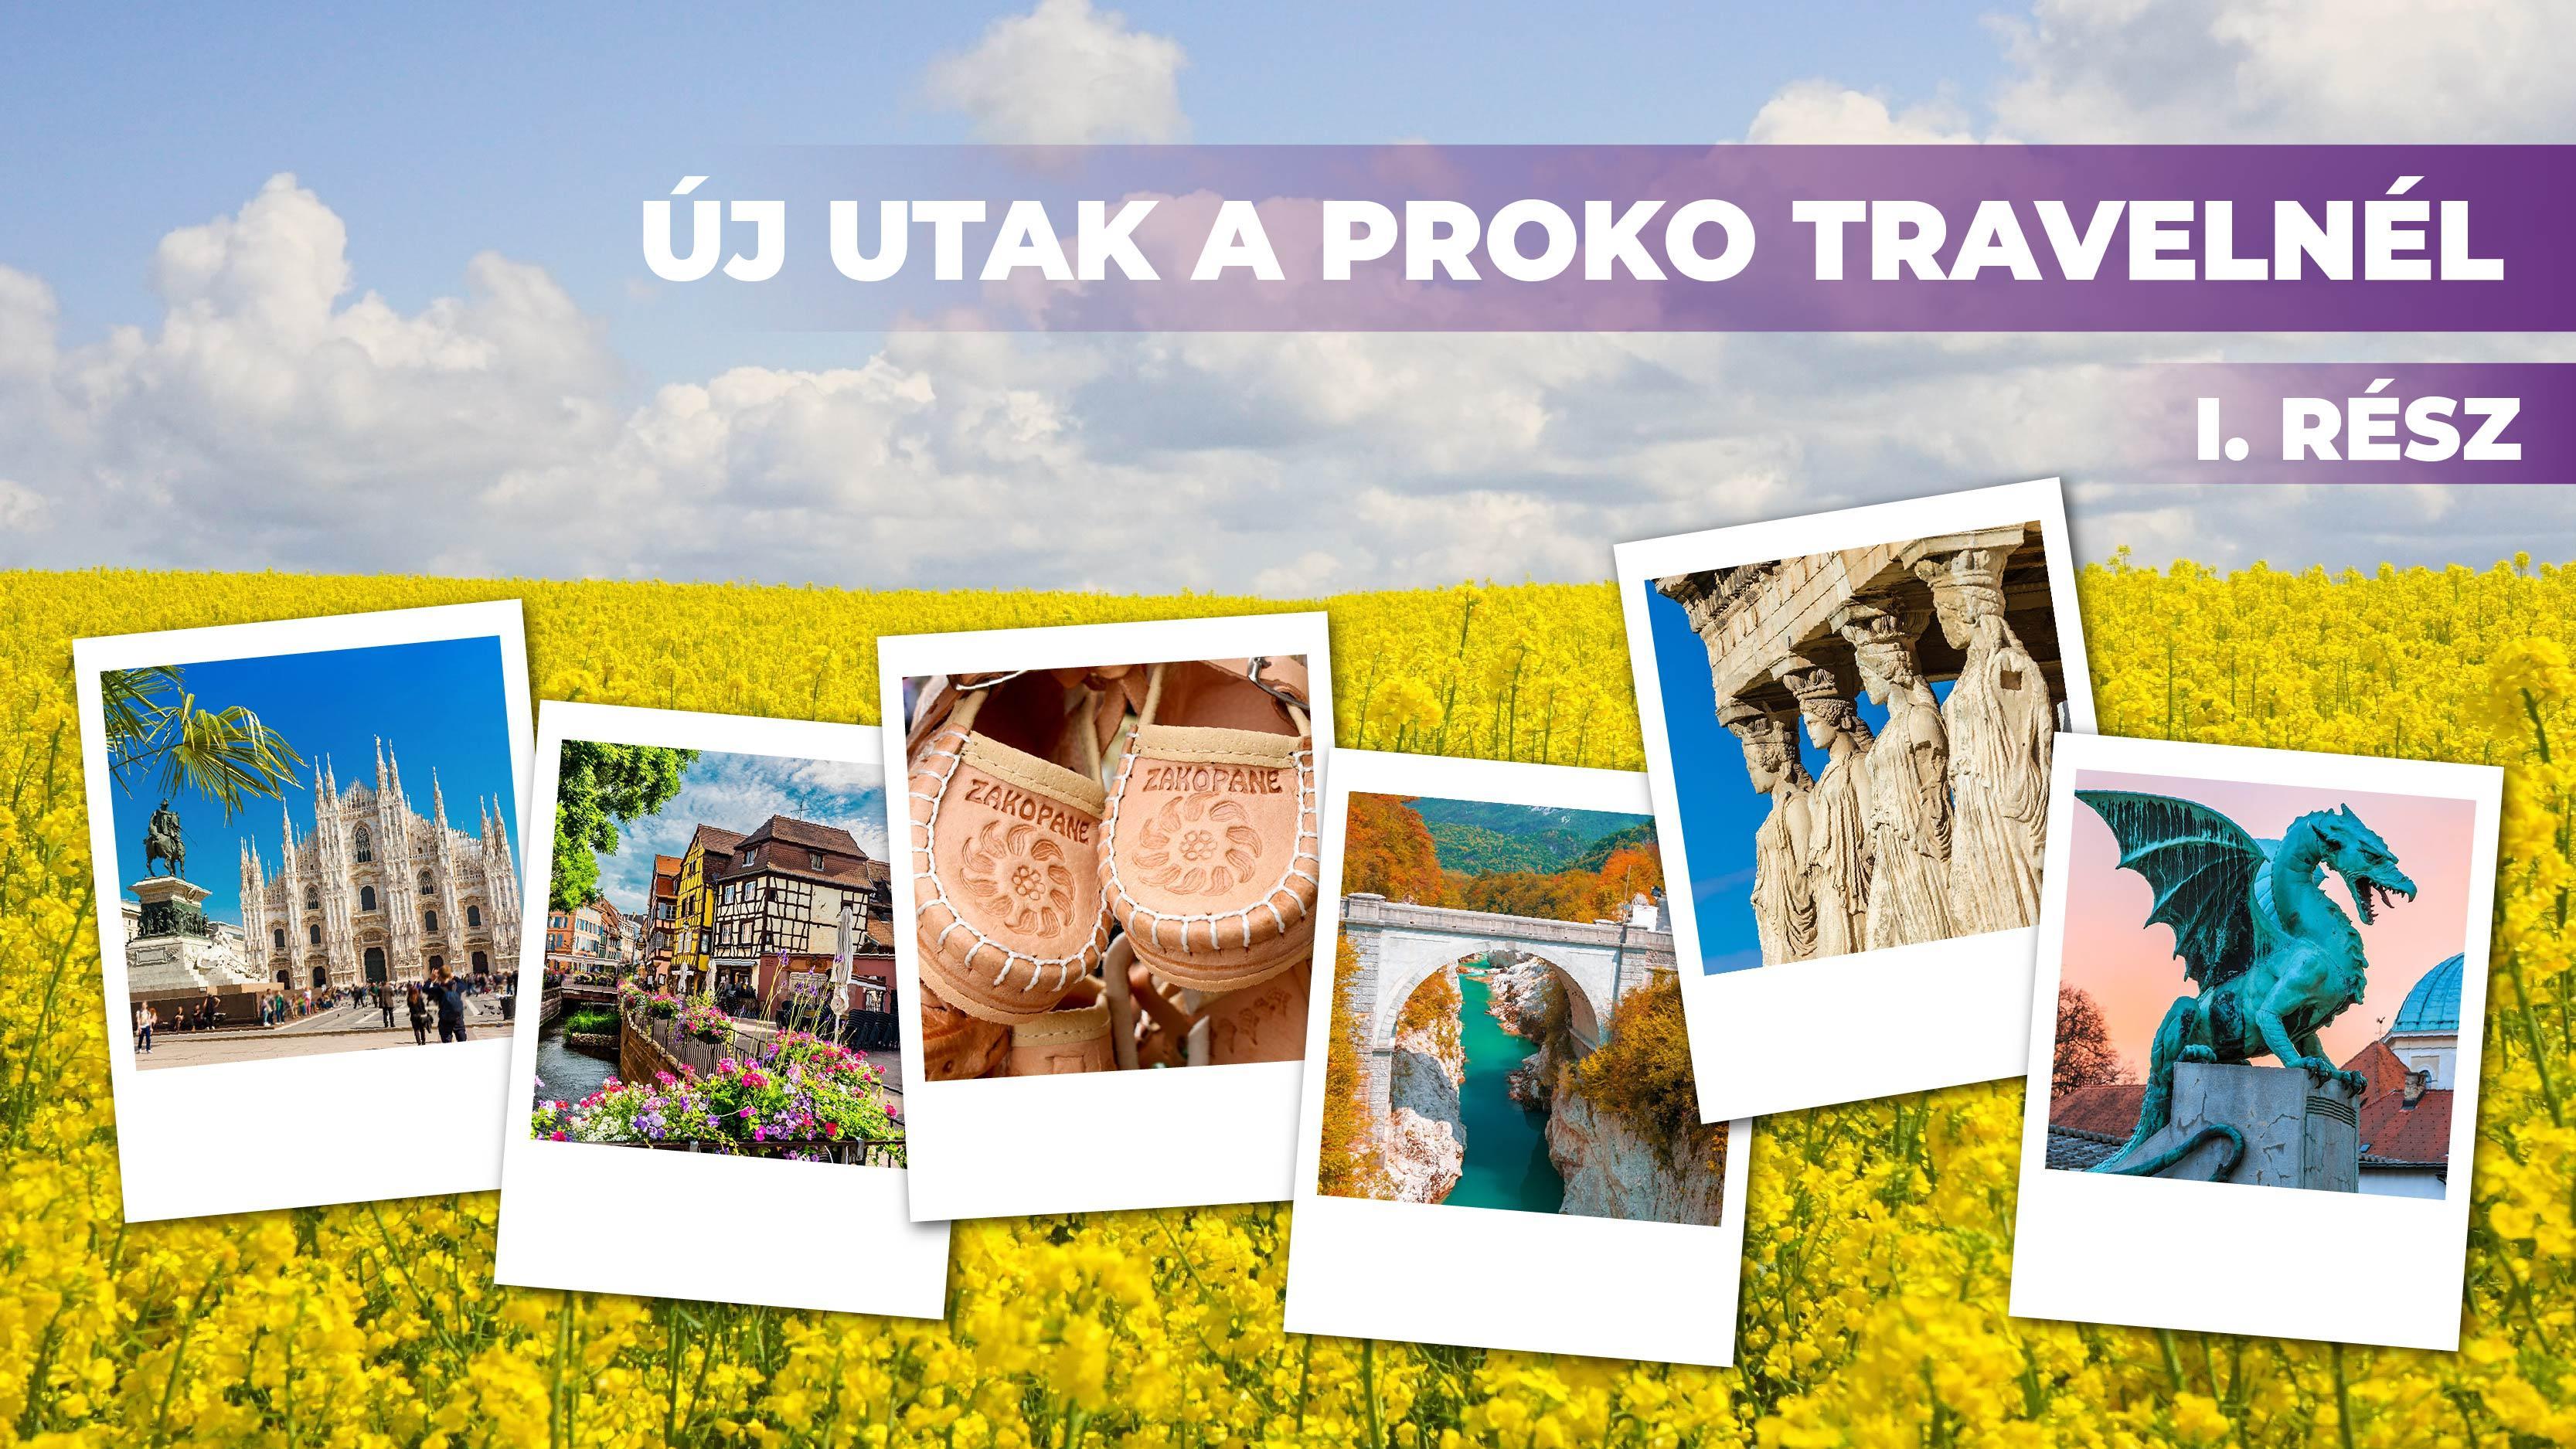 A Proko Travel idén 17 új úttal kedveskedünk kedves utasainknak. Jelen blogbejegyzésemben hat utazásból fogok egy kis ízelítőt adni az Önök számára. A gyönyörű, bakancsli